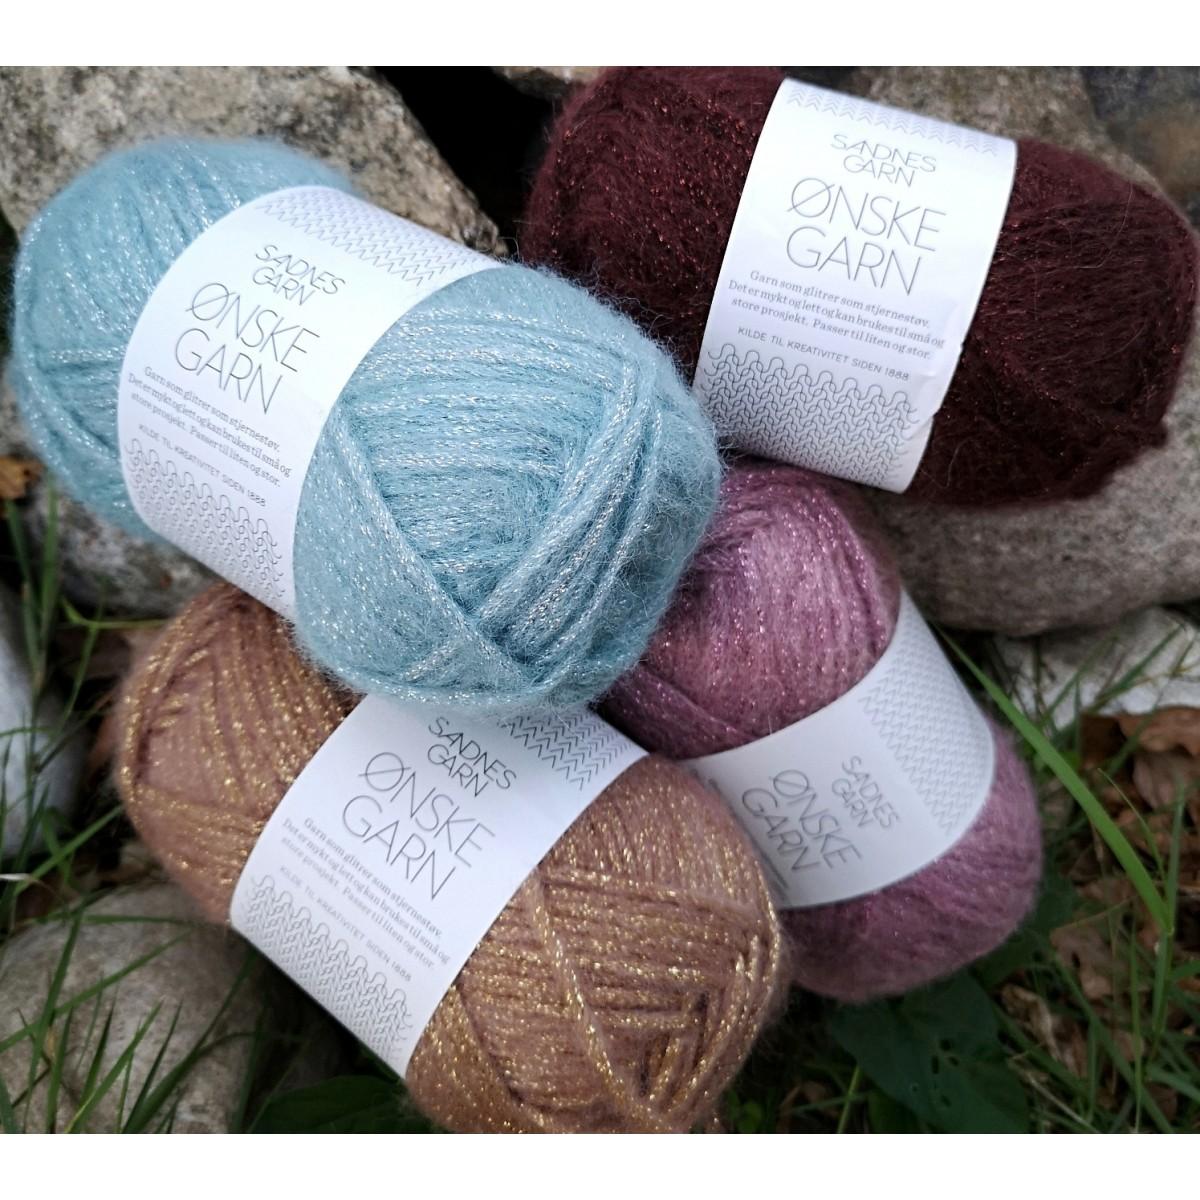 Find garn og opskrift til dit næste strikkeprojekt hos uldfisken.dk